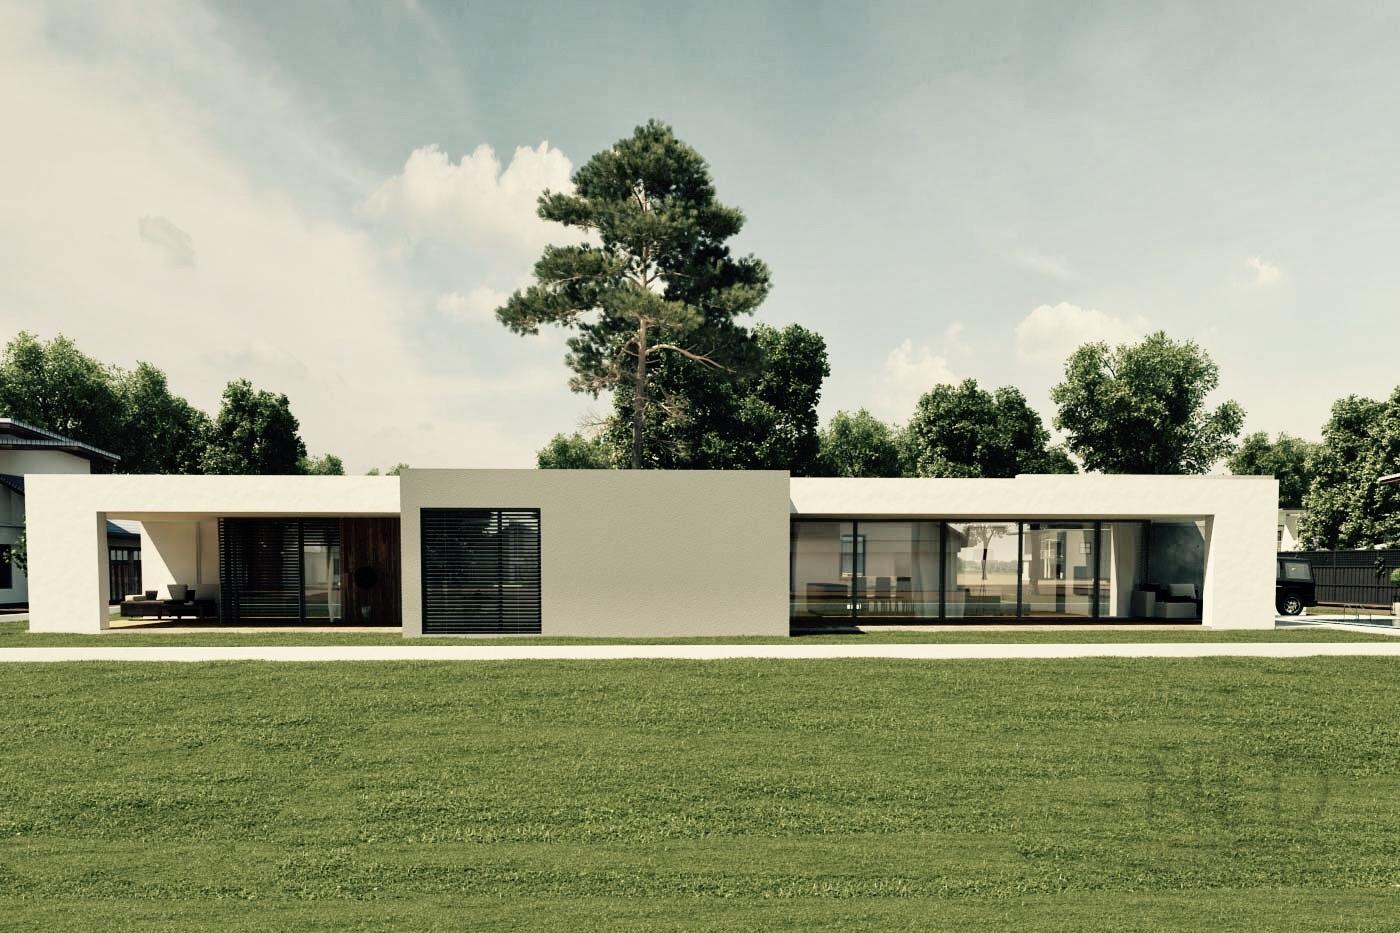 príyemný moderný rodináý dom